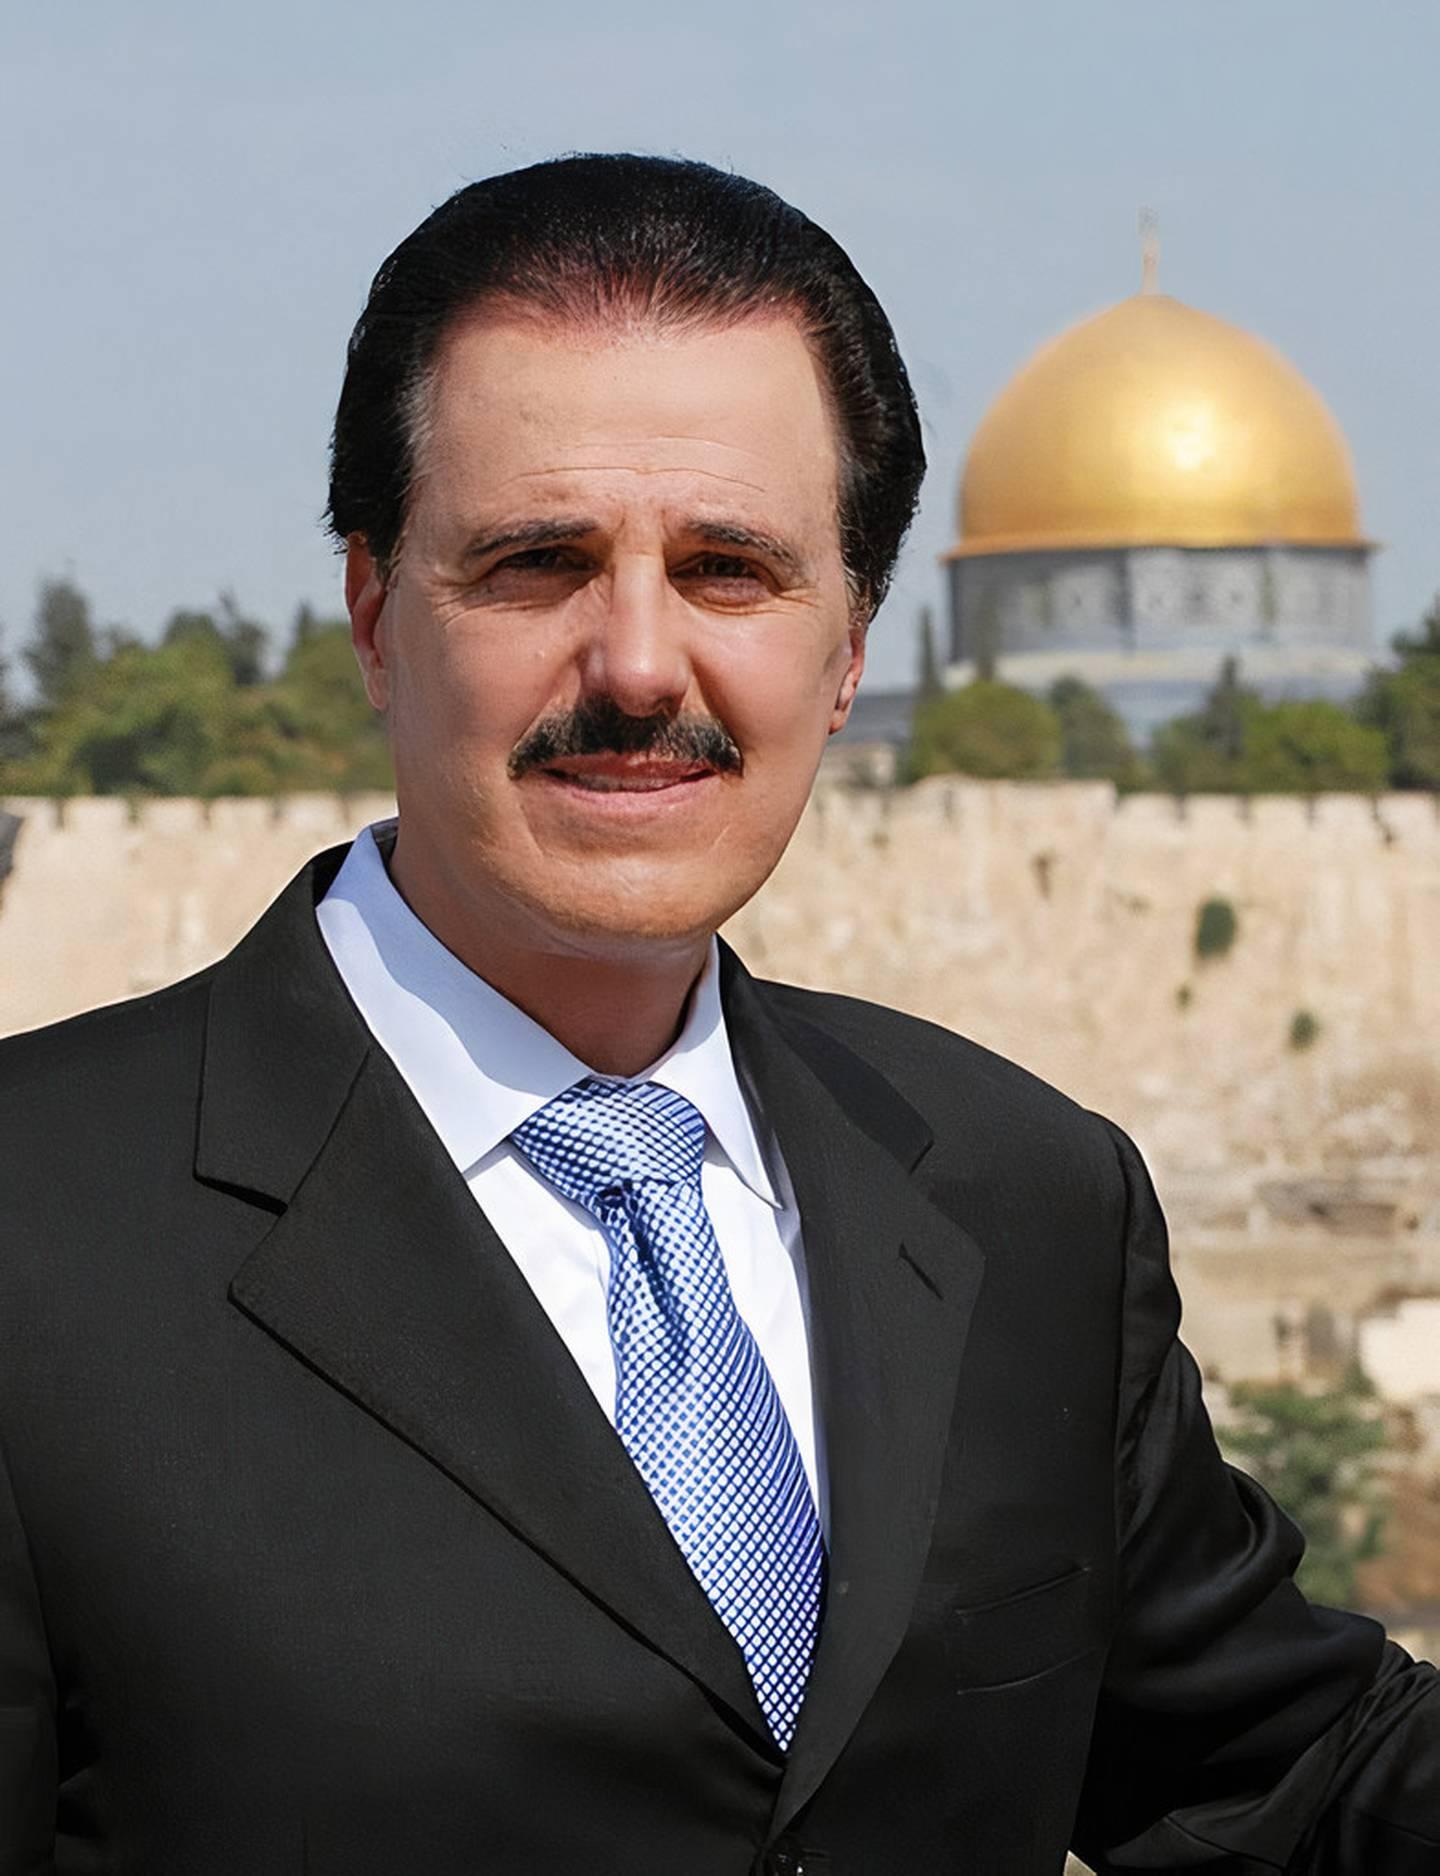 Mike Evans, grundare av flera Israelvänliga organisationer och som även var rådgivare till Donald Trump.